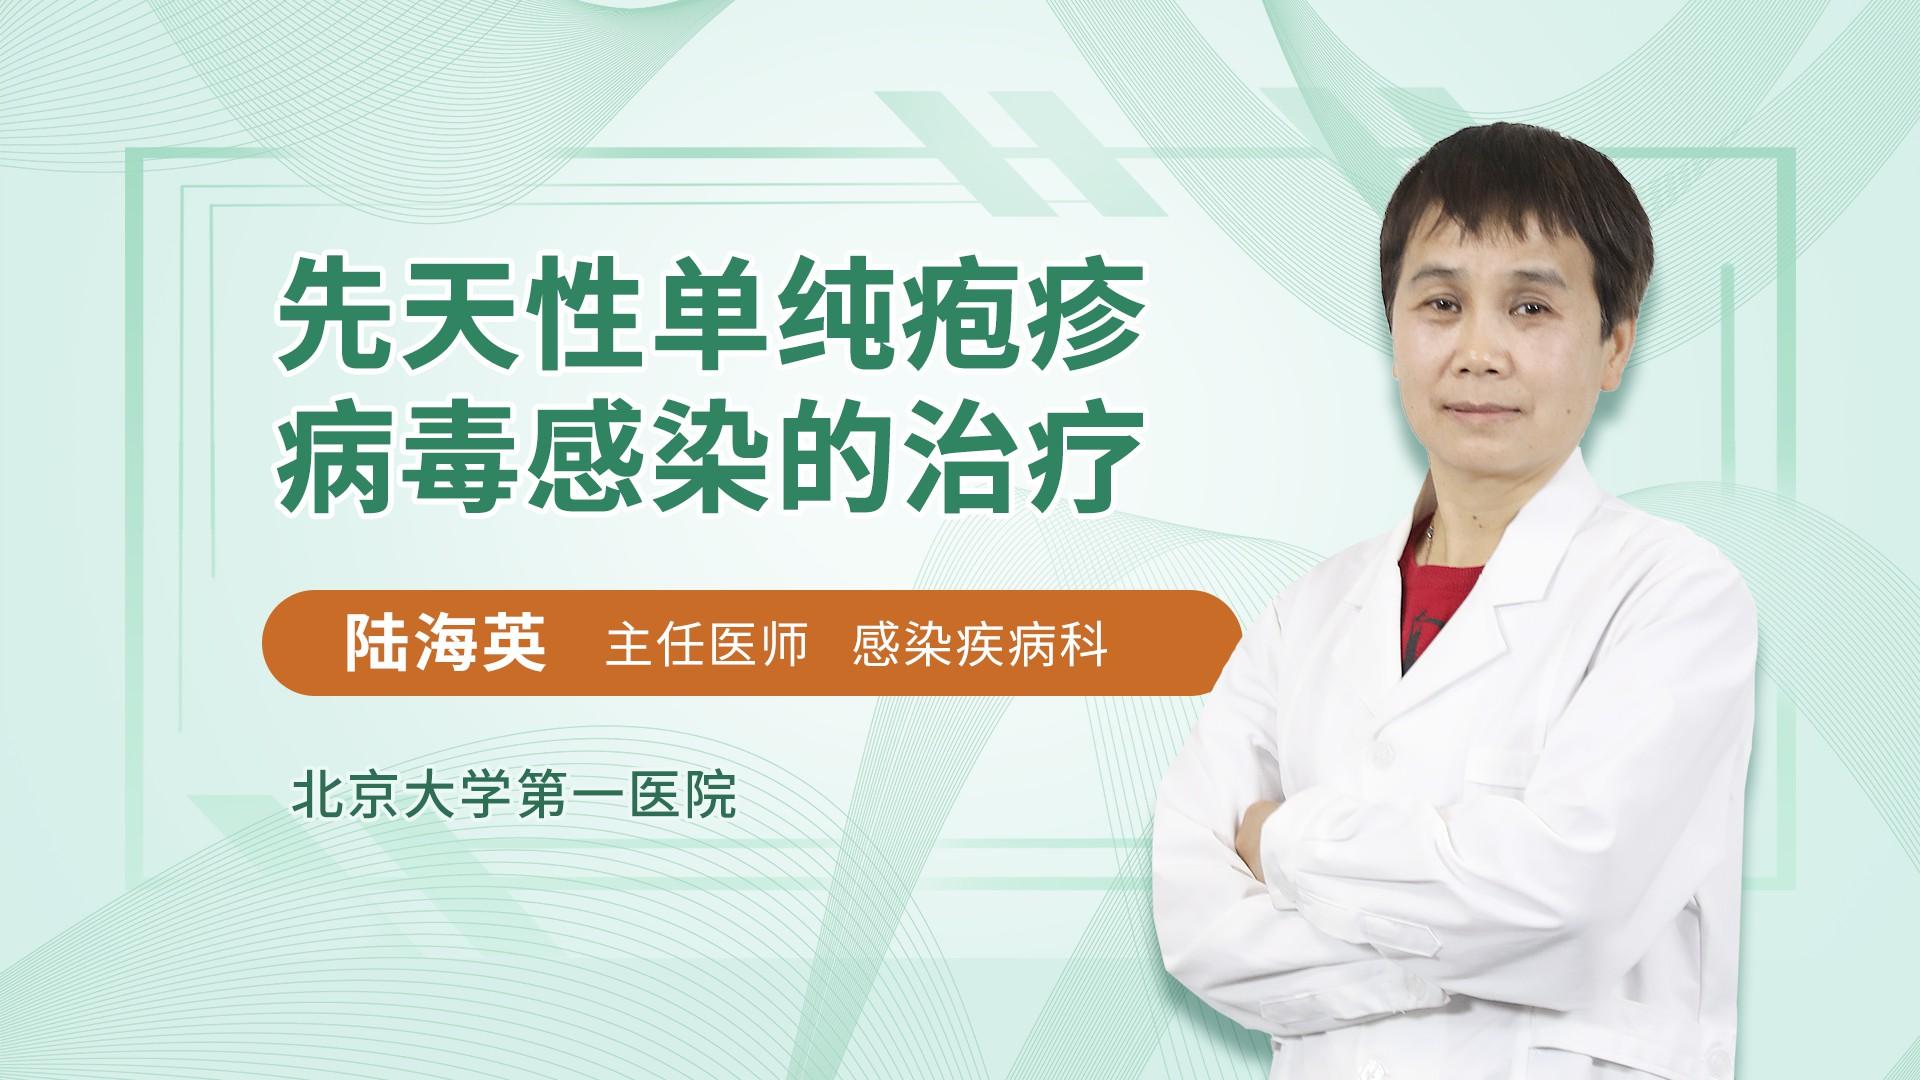 先天性单纯疱疹病毒感染的治疗